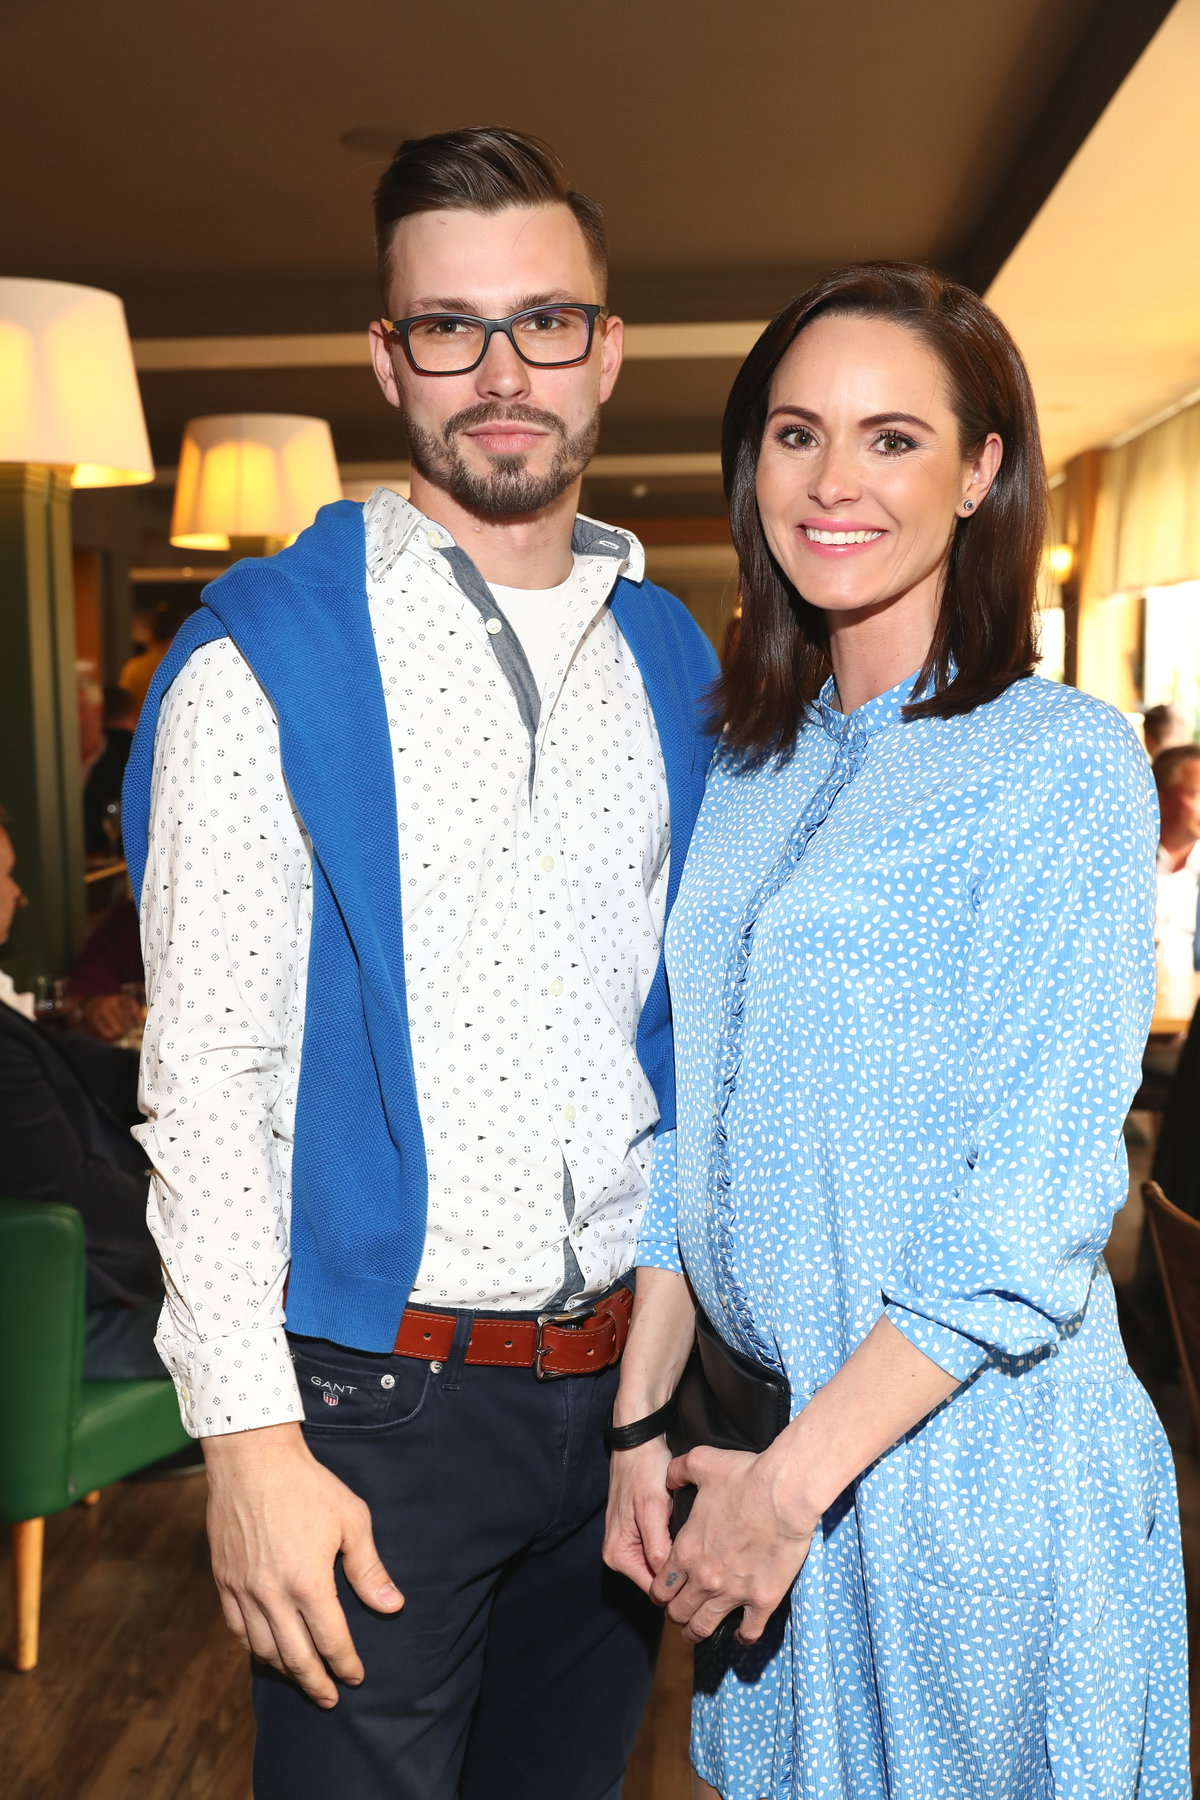 S partnerem, podnikatelem Michalem, má Renáta Czadernová dceru Adélku, která se v srpnu dočká sourozence, pravděpodobně sestřičky